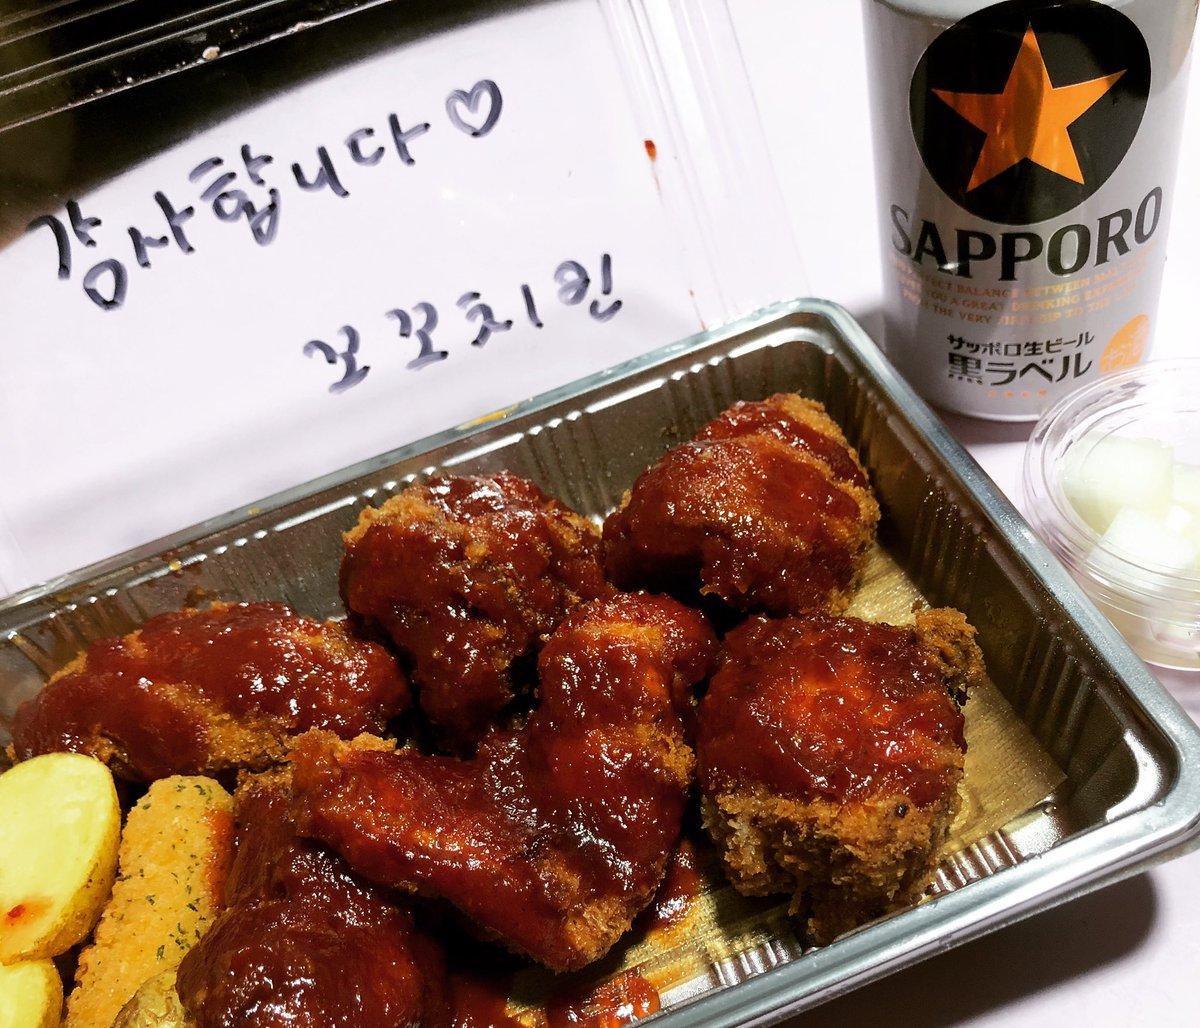 test ツイッターメディア - かおるTVの影響で、昼韓国で買ったラーメン食べて、夜はチメックしちゃうわしよ。ああ韓国行きたい。 https://t.co/1M2HGPXr5d